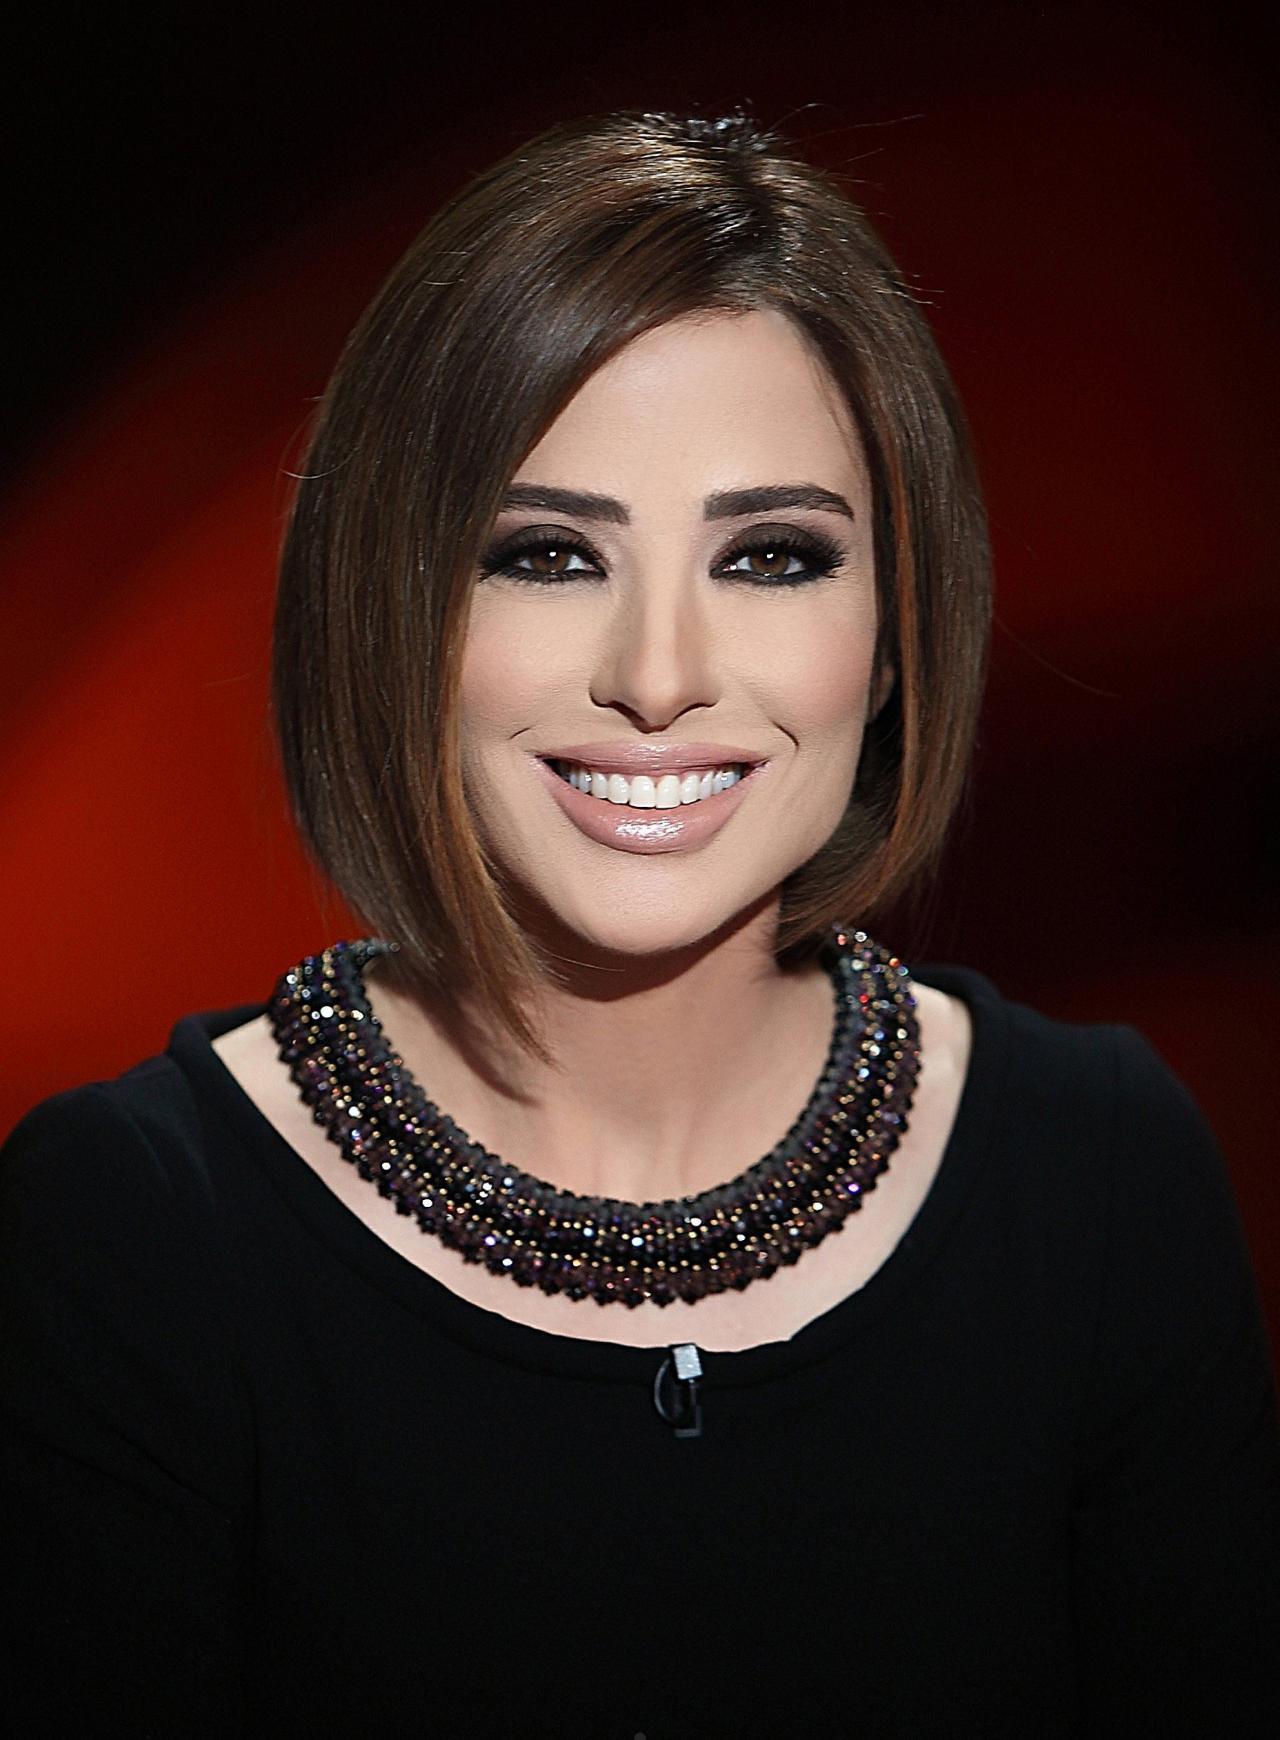 صورة وفاء الكيلاني بدون مكياج , جميلة بردو وفاء الكيلاني حلوة في كل حالتها